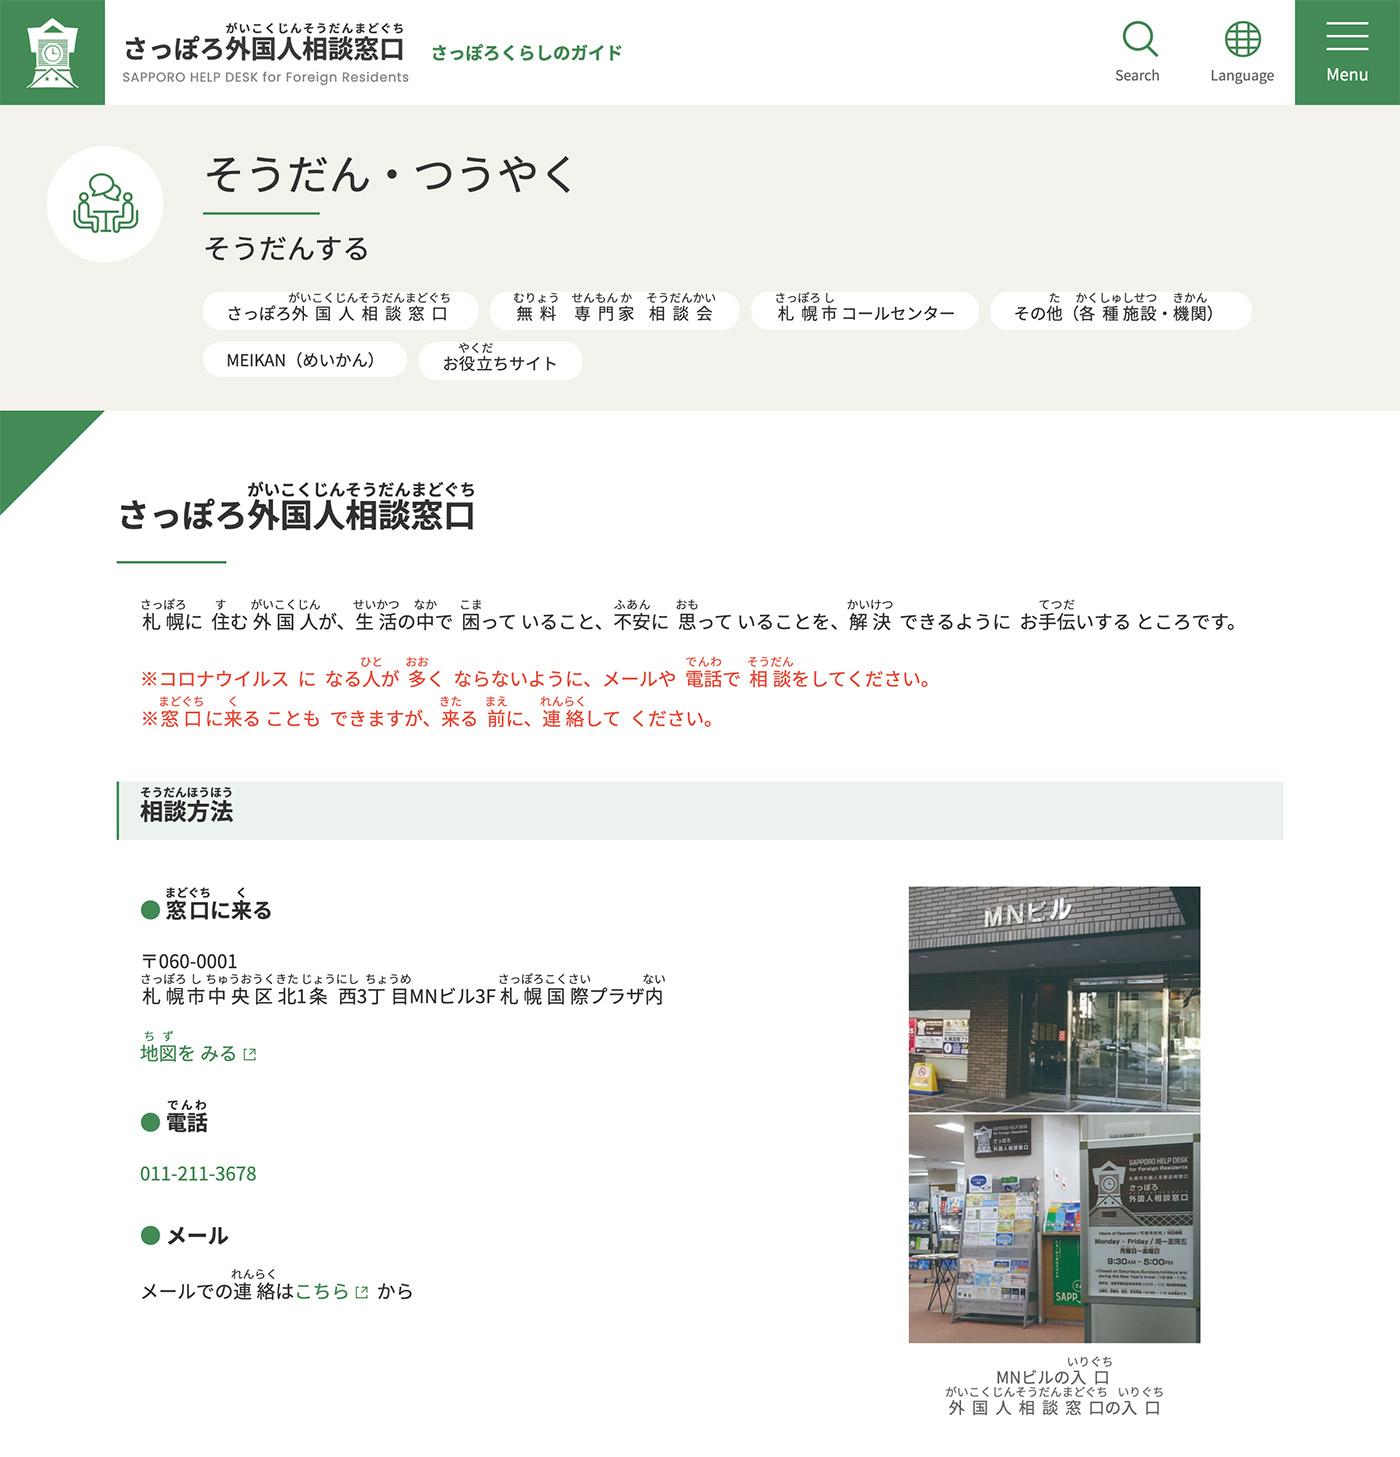 さっぽろ外国人相談窓口やさしい日本語のページ